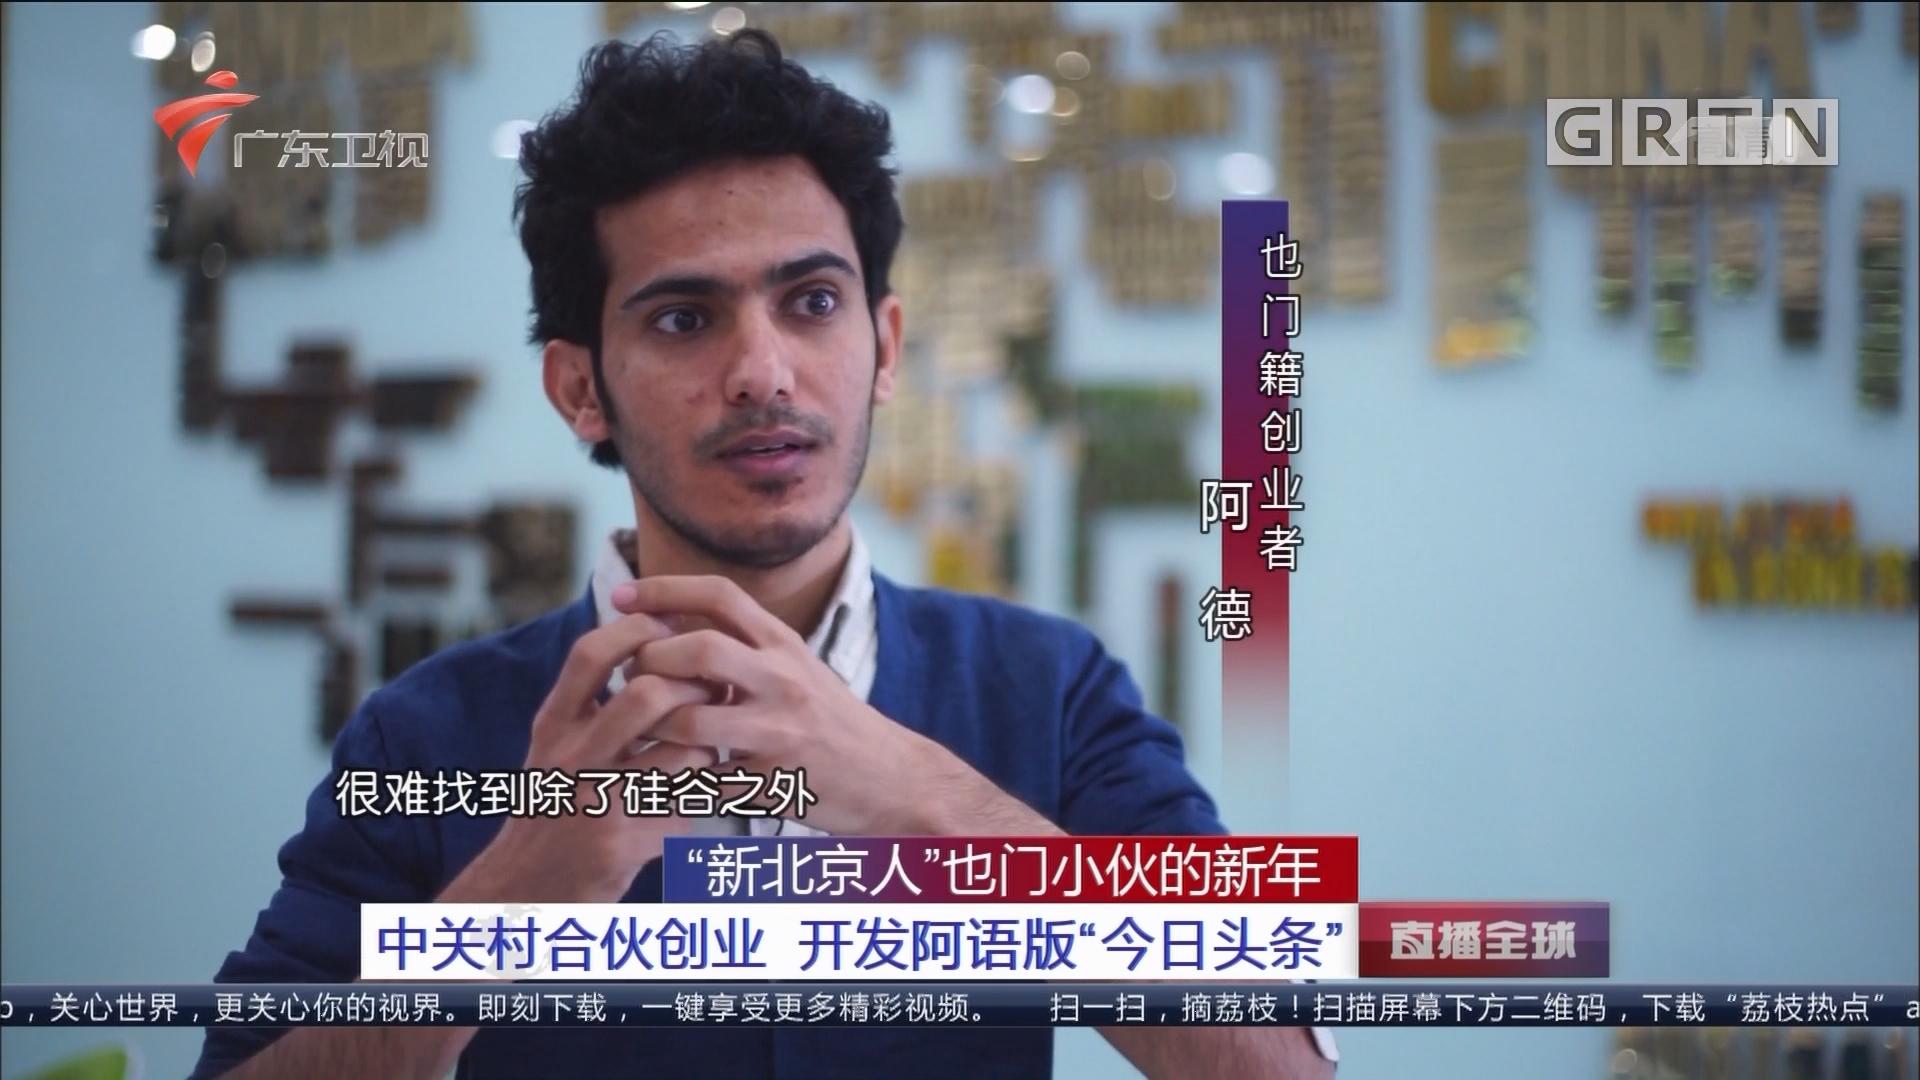 """""""新北京人""""也门小伙的新年:中关村合伙创业 开发阿语版""""今日头条"""""""